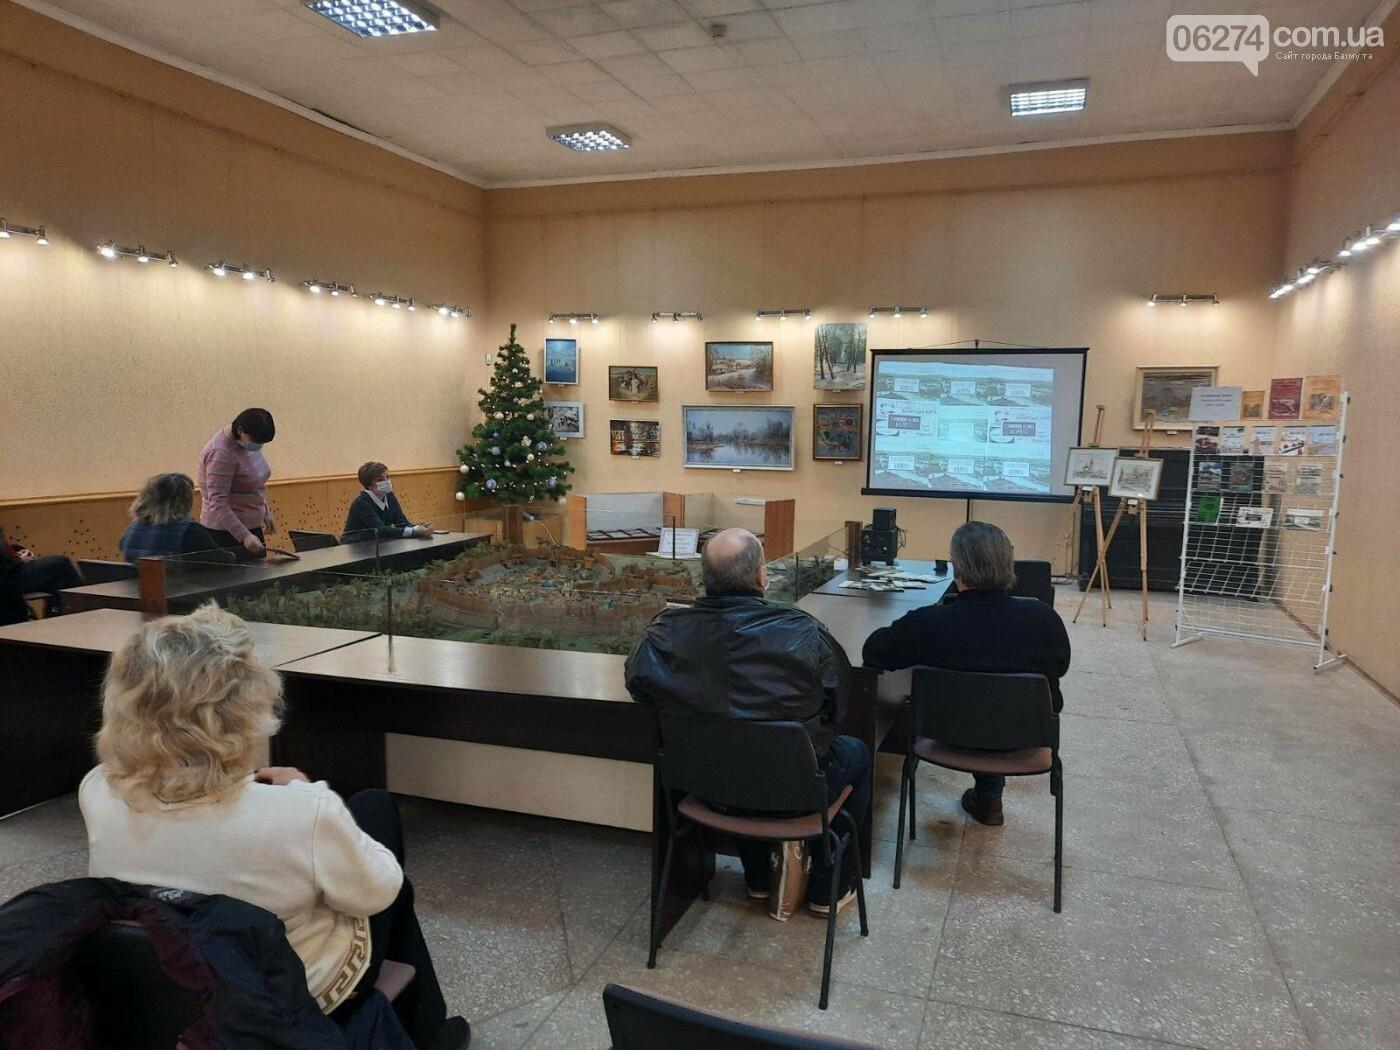 В краеведческом музее презентовали проект «Бахмут сквозь время», фото-1